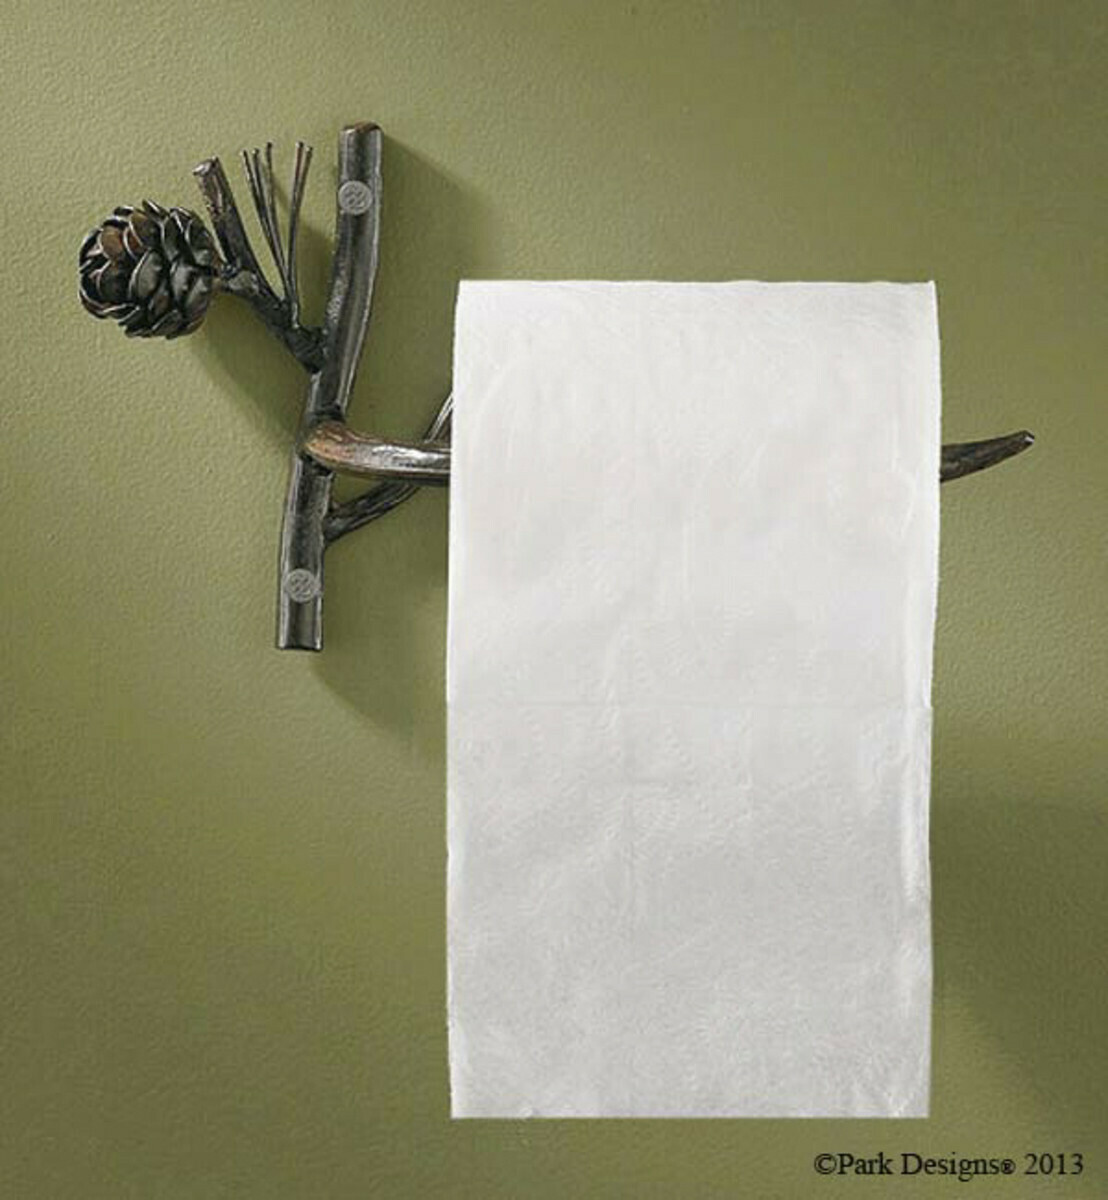 Pine Lodge Toilet Tissue Holder